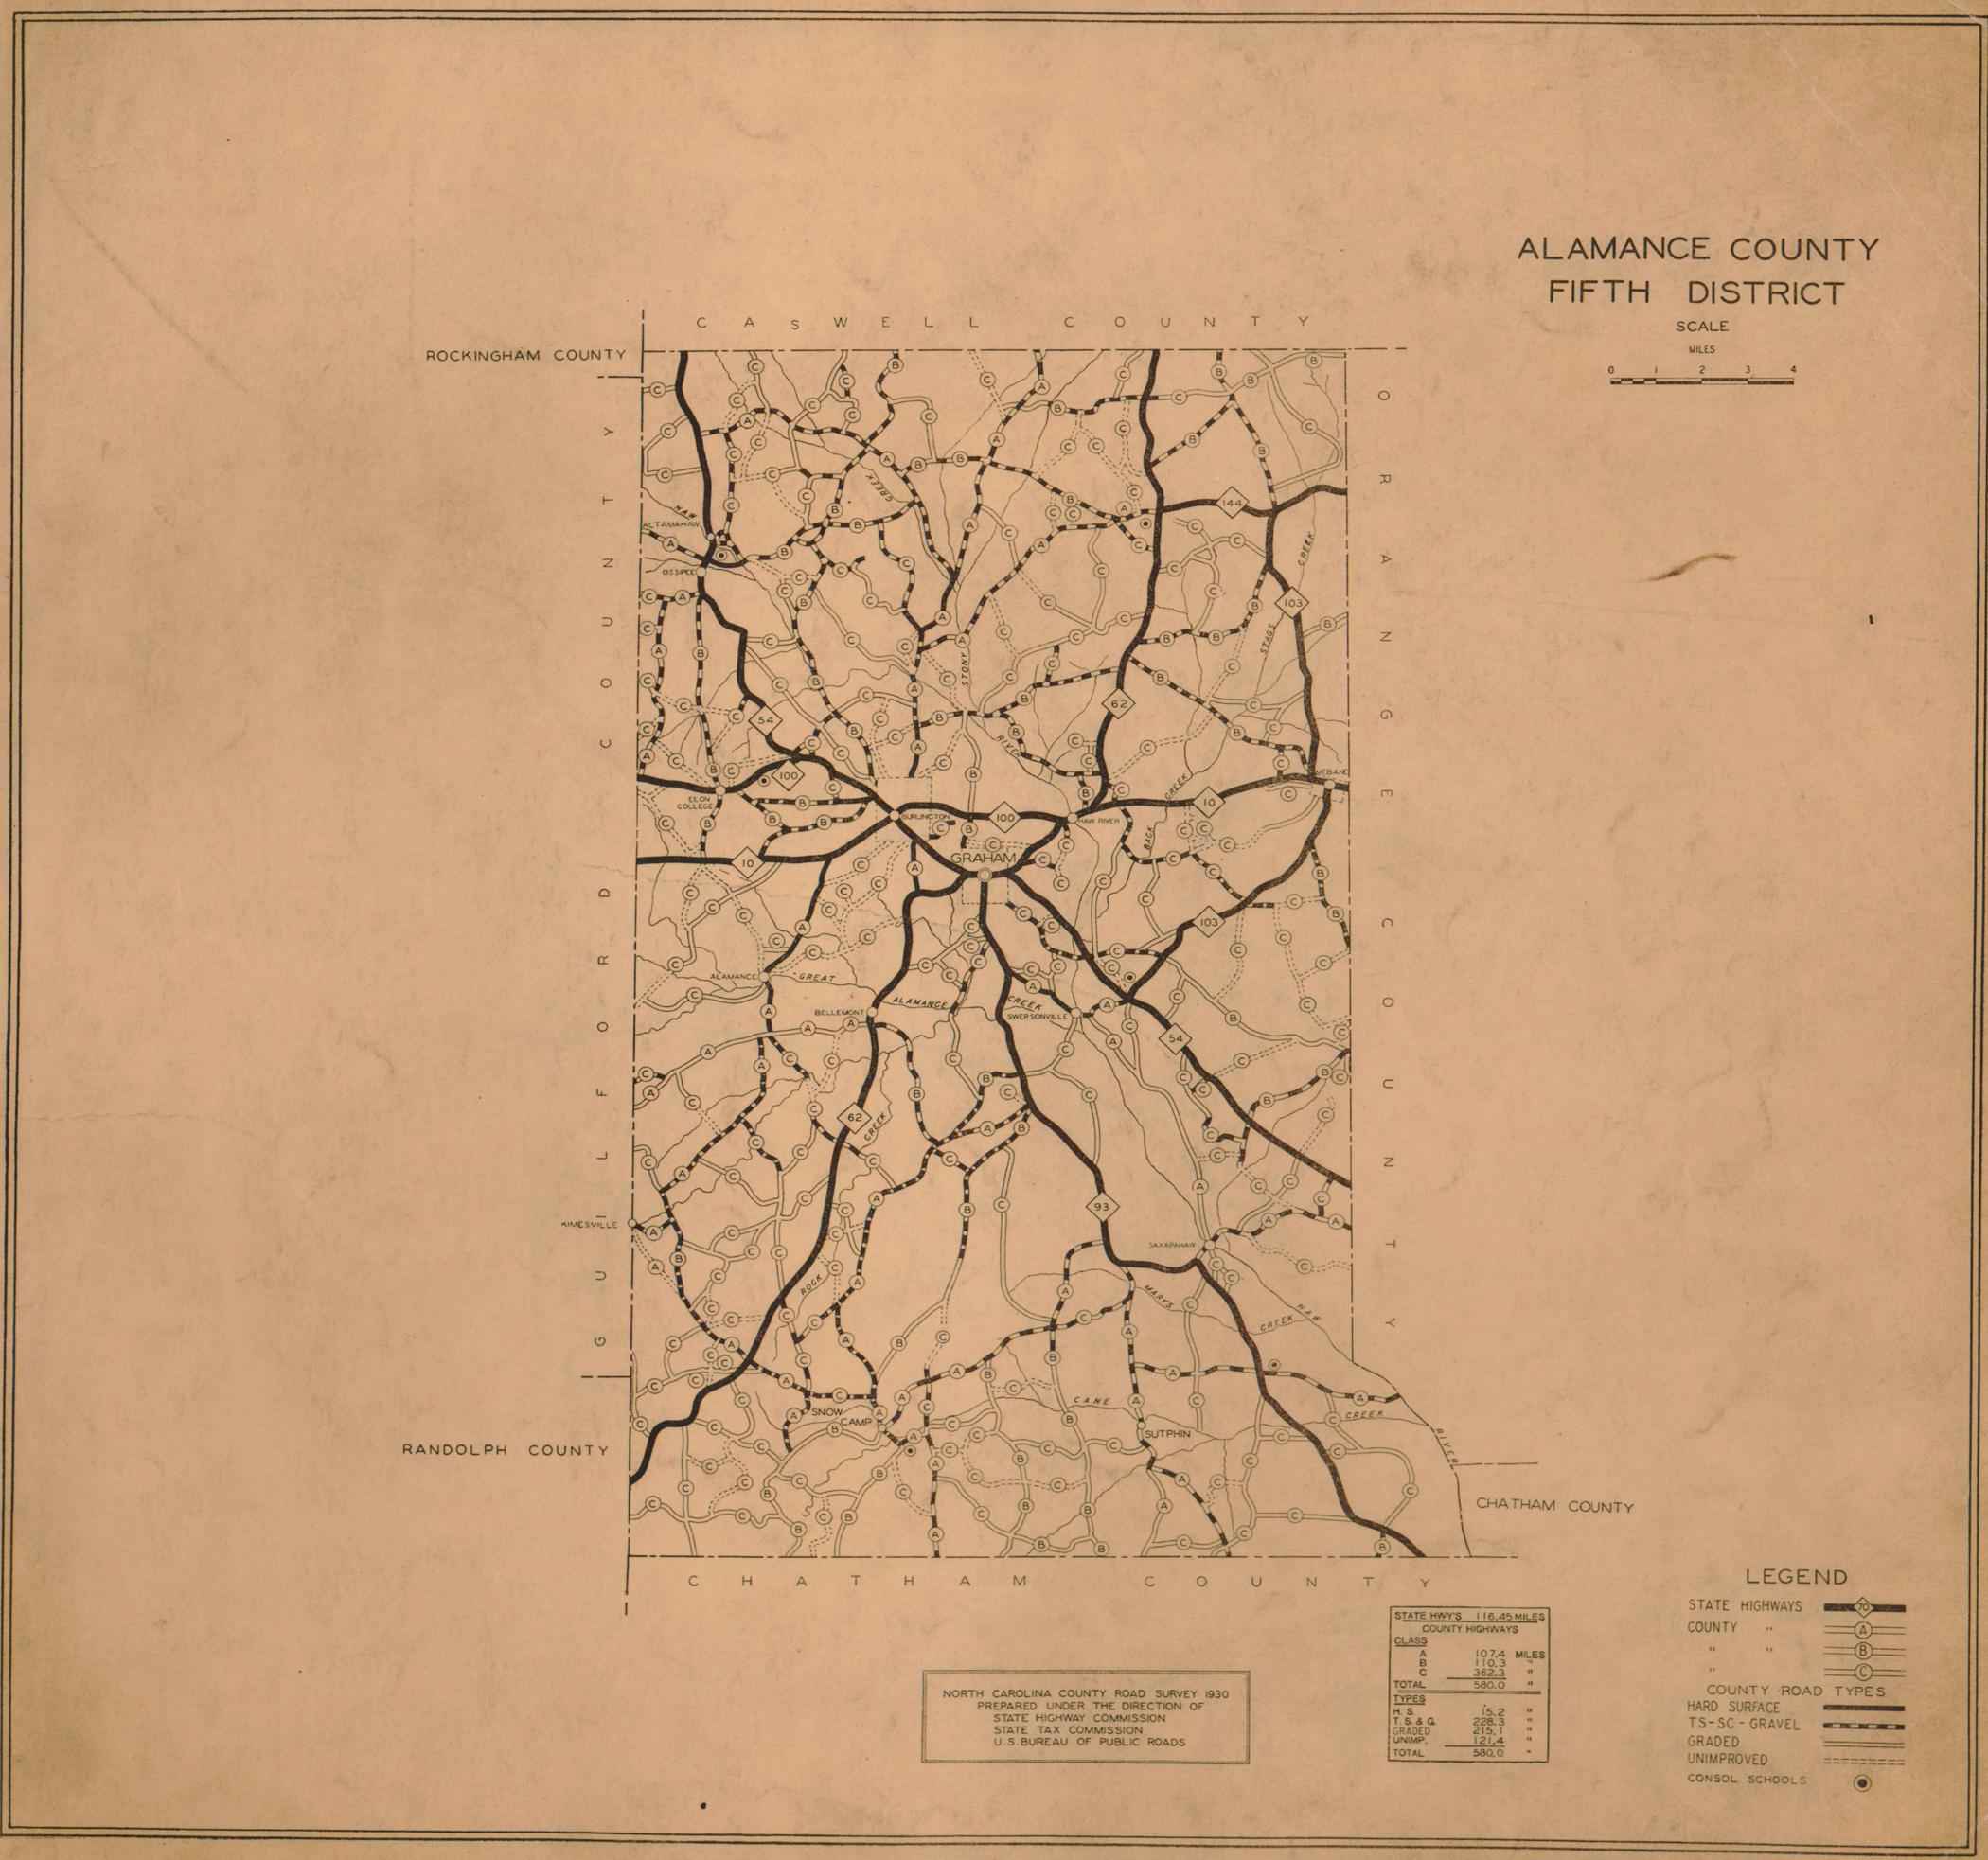 1930 Road Map of Alamance County, North Carolina Road Map For Alamance County North Carolina on cherokee county north carolina road map, outer banks north carolina road map, clemmons north carolina road map,